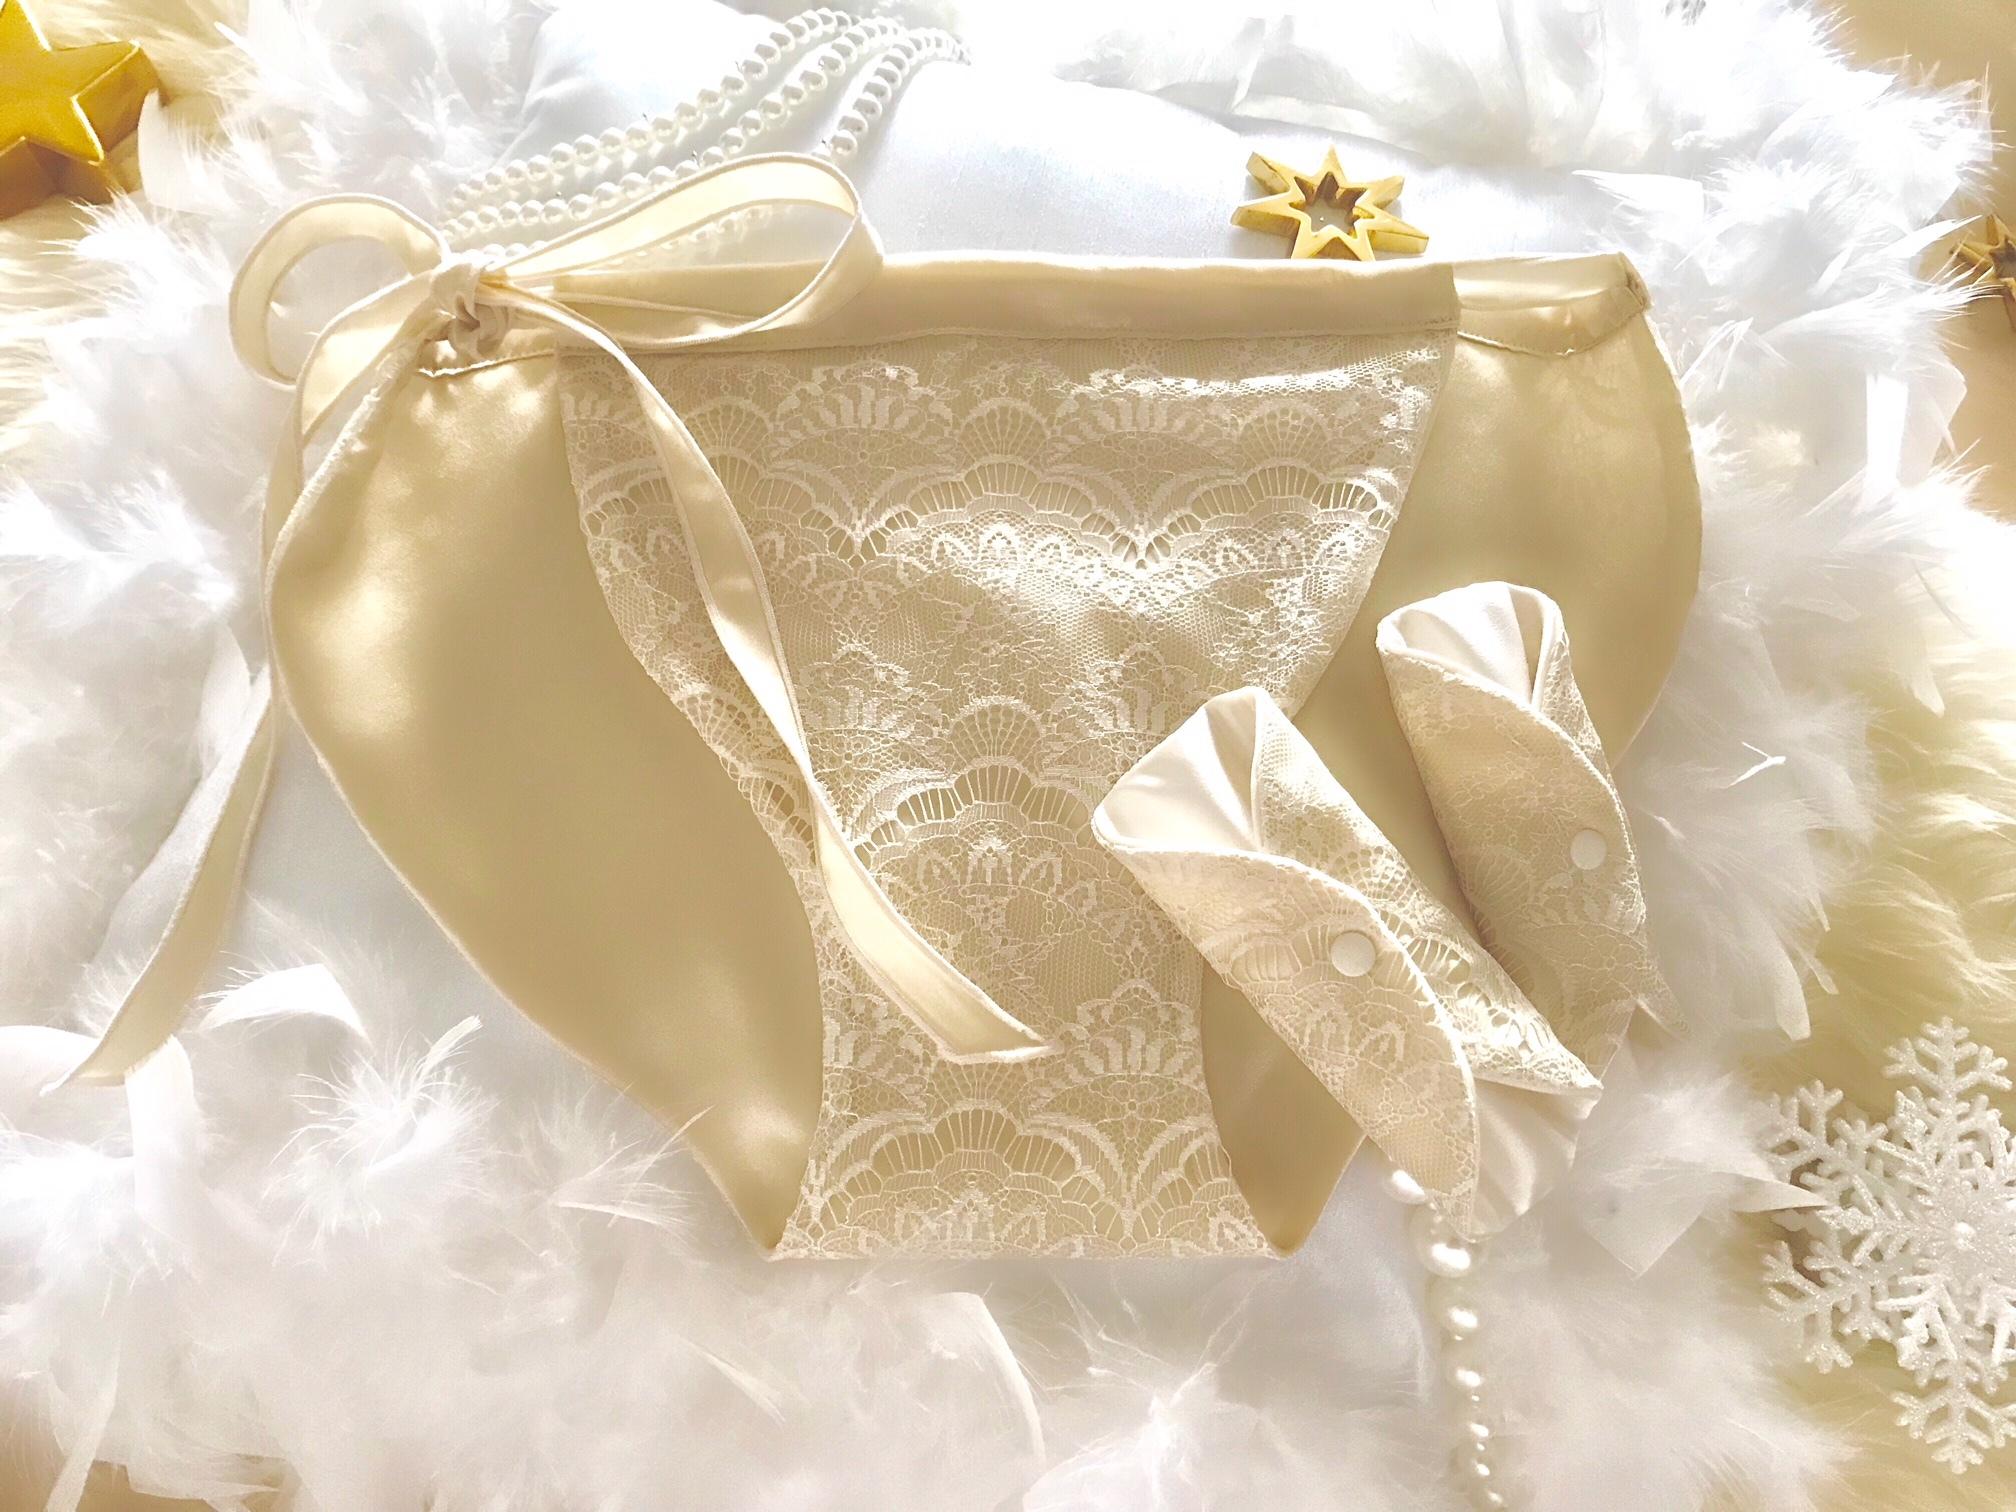 クリスマス限定★ライナー1個付きセット(gold)